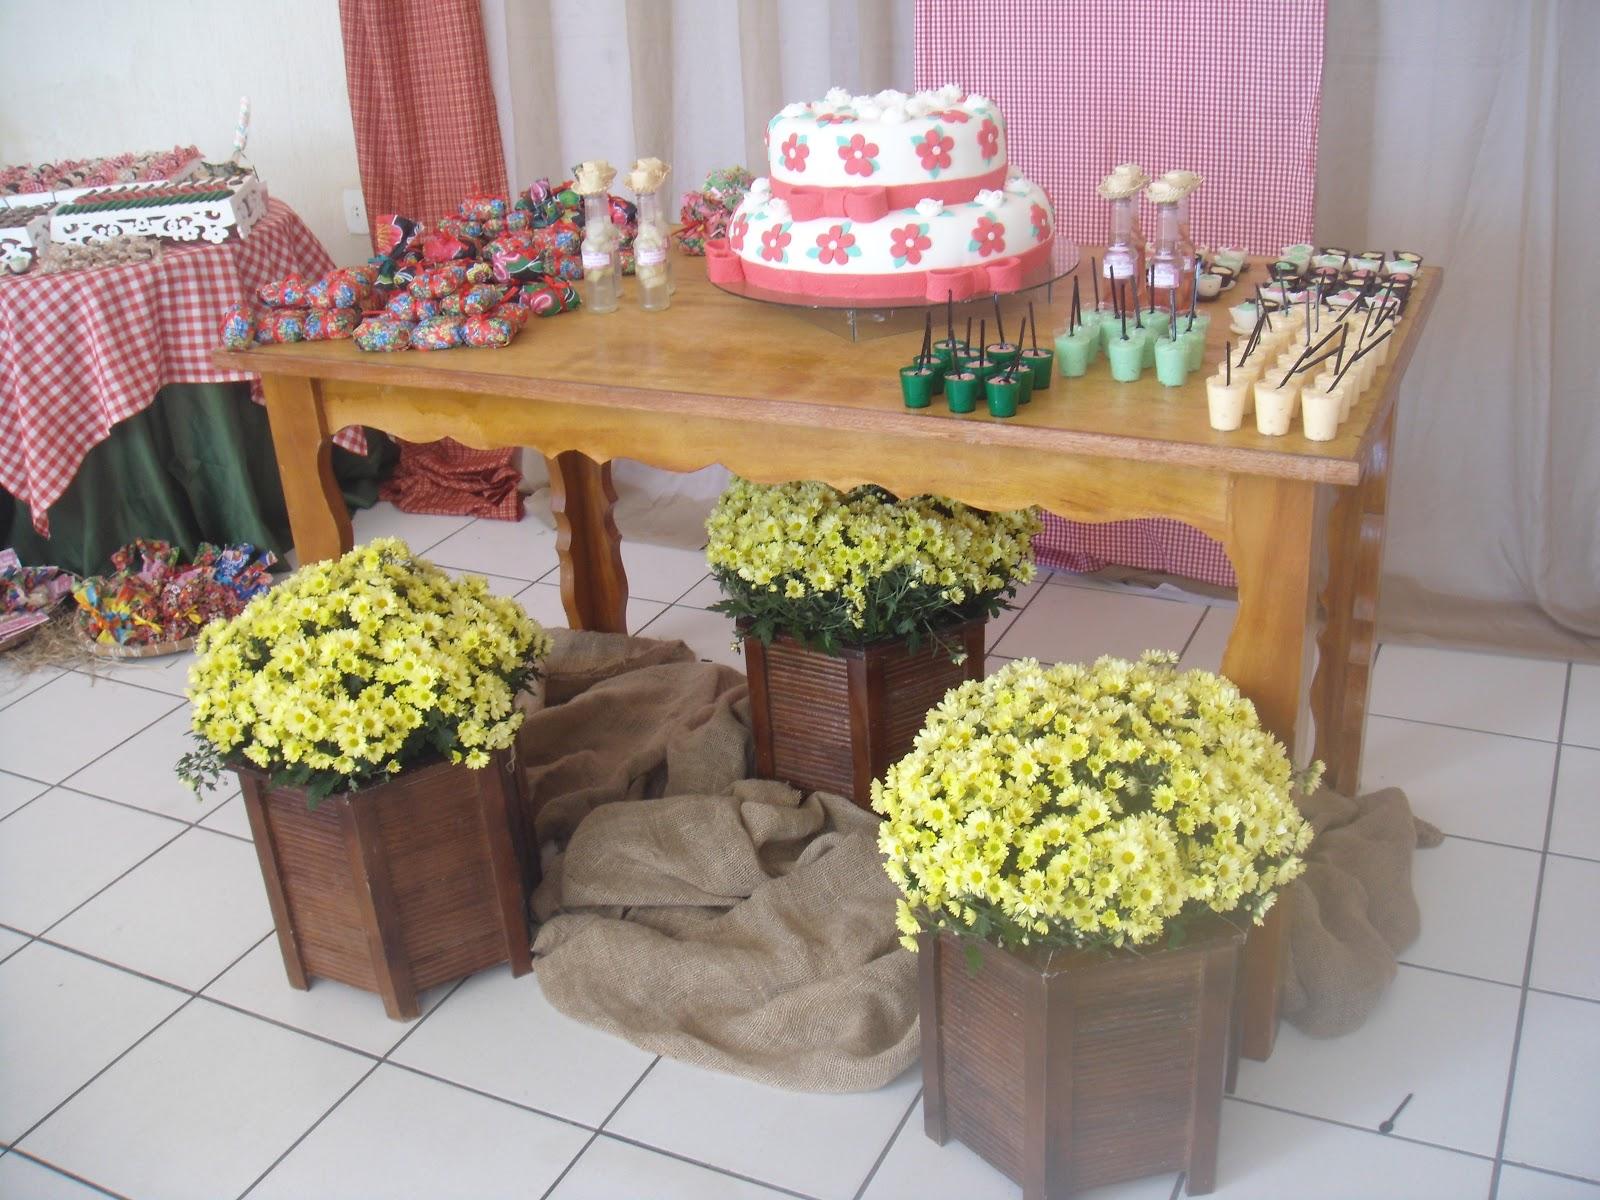 decoracao festa na roca : decoracao festa na roca:Embalagem de chita para o bolo prestígio, feito pelo atelier.